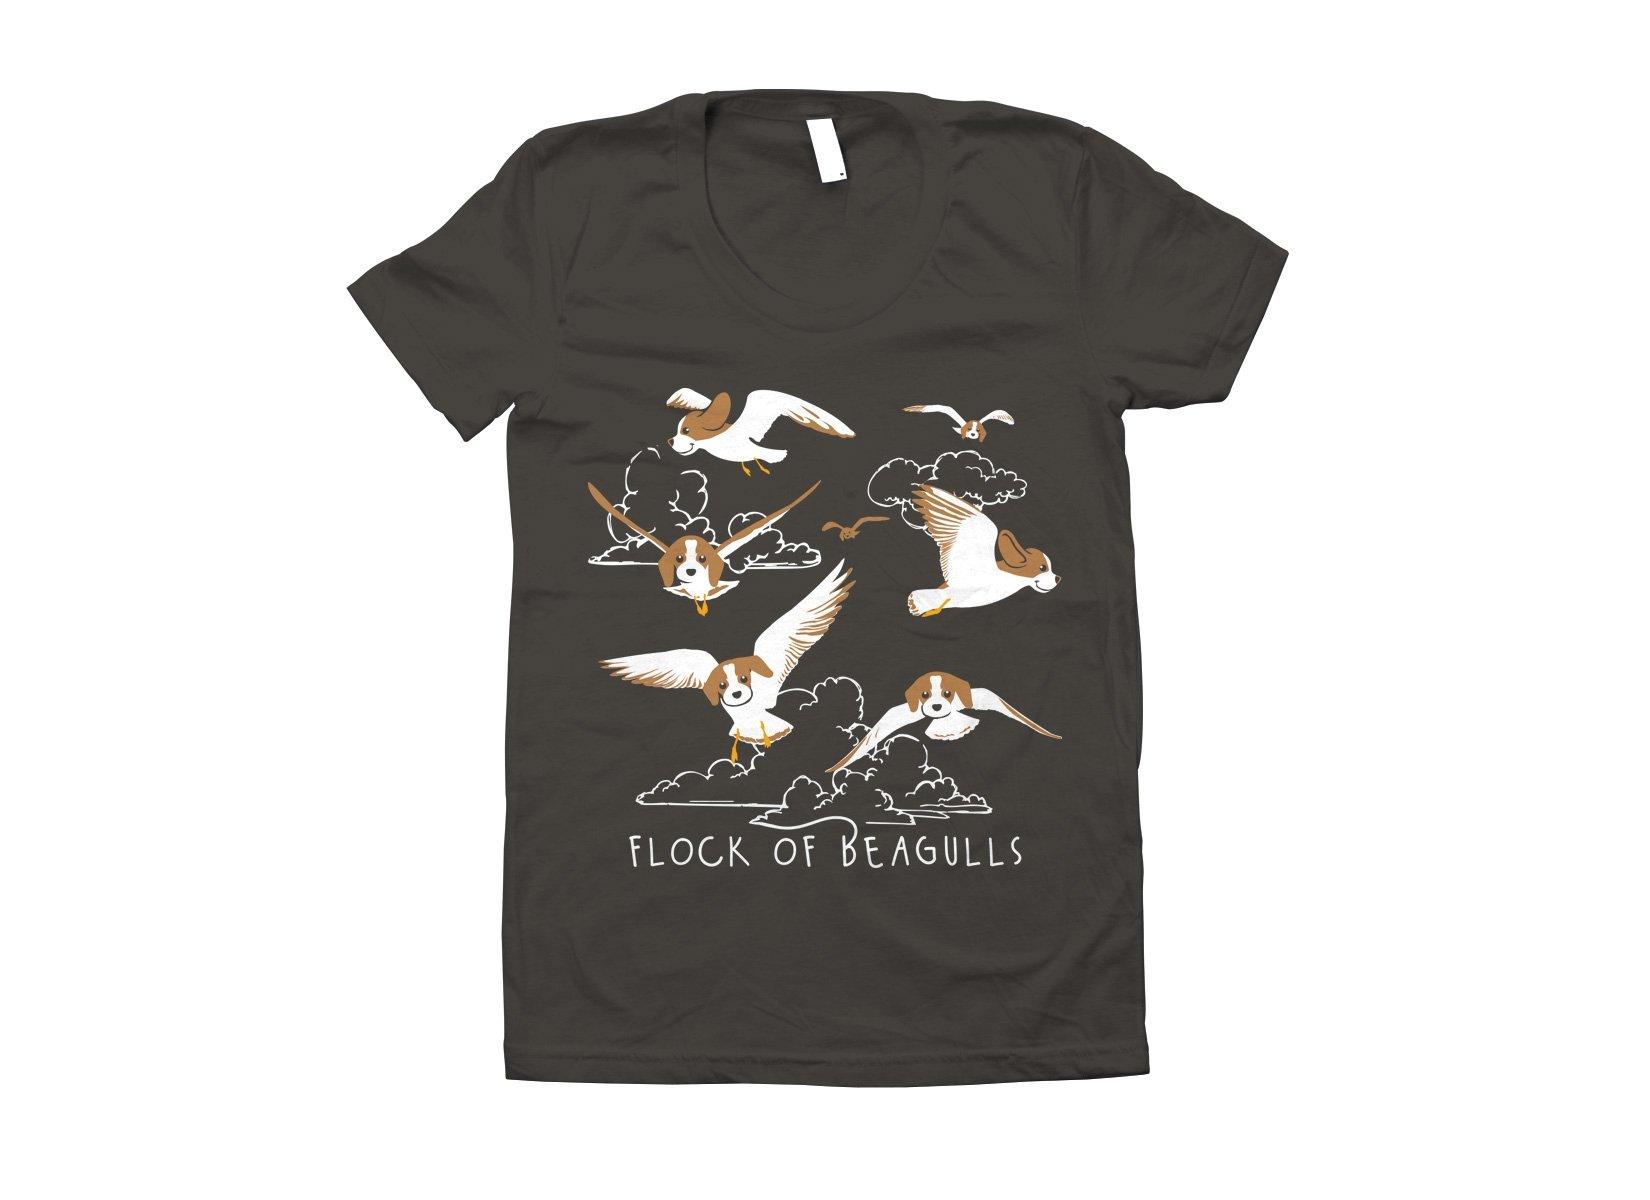 Flock Of Beagulls on Juniors T-Shirt